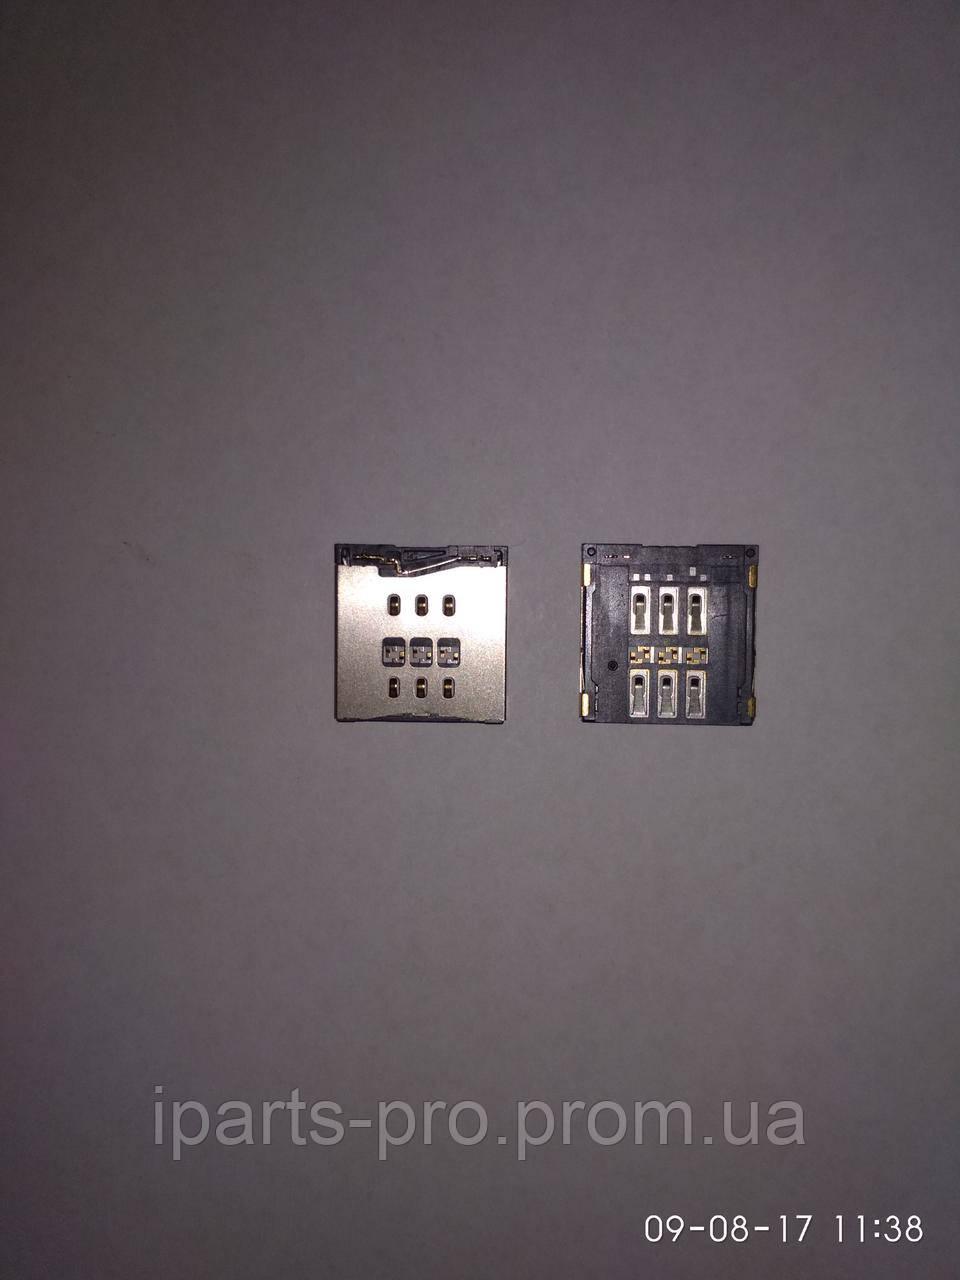 Конектор сим-карты для монтажа на плату для iPhone 5S/C